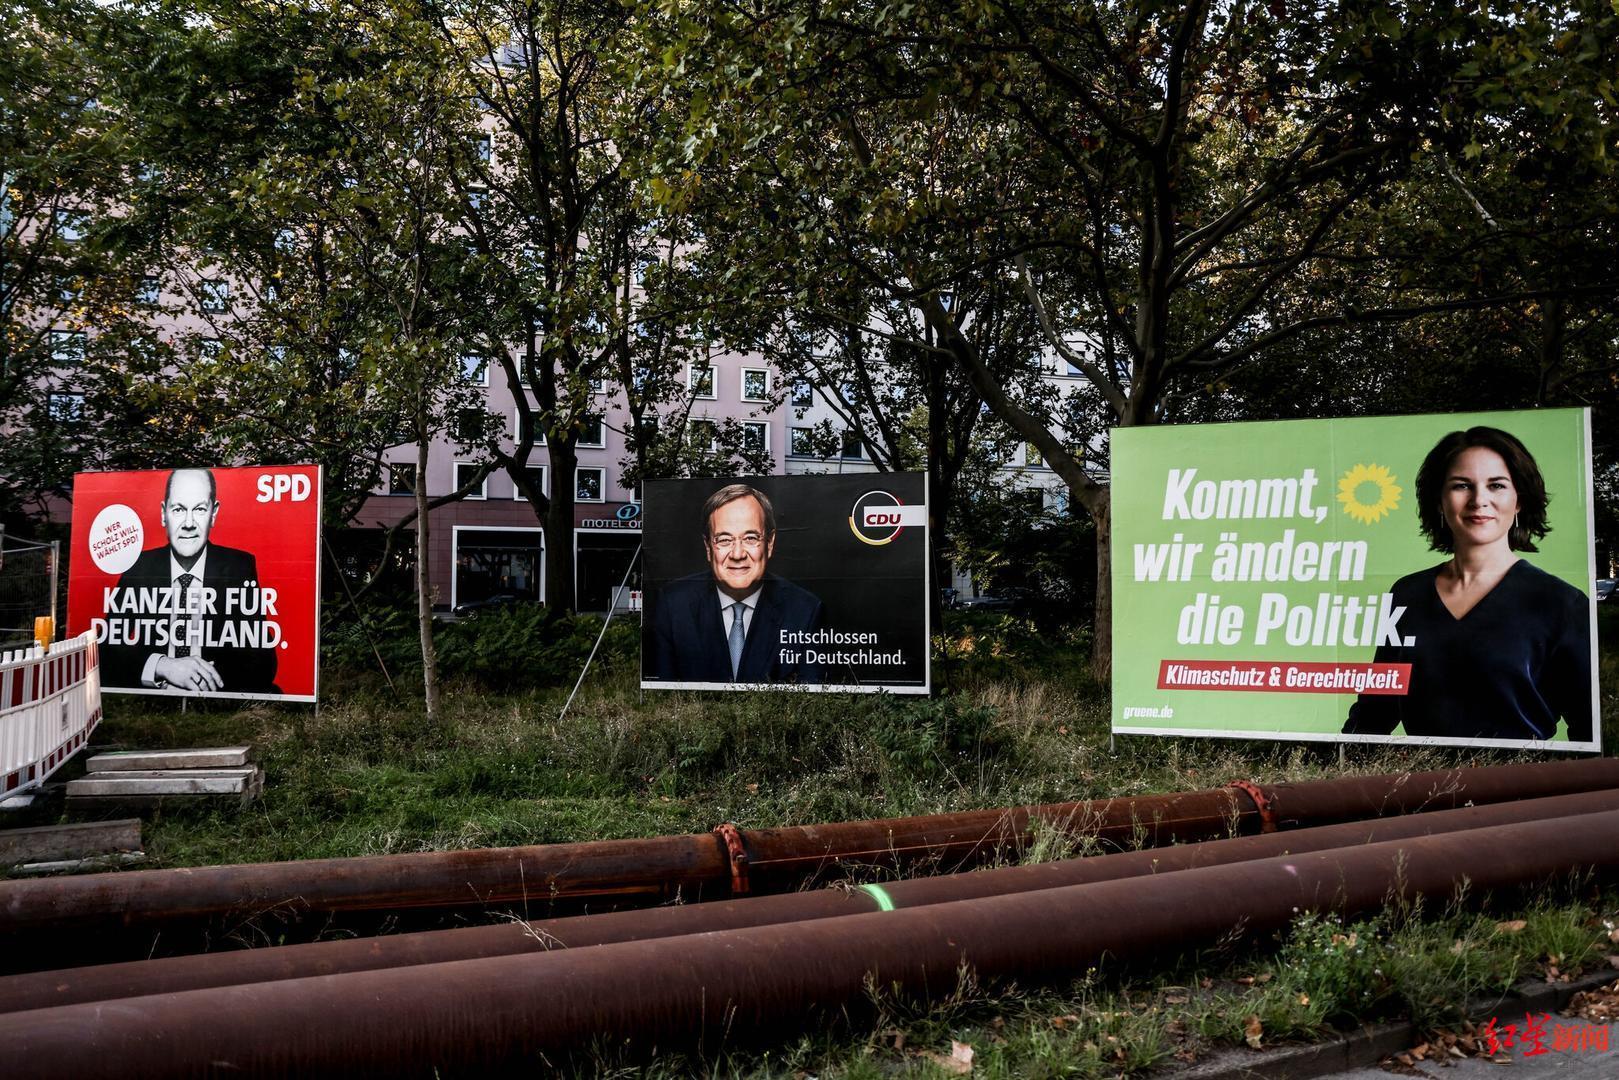 ▲三位德国总理候选人的竞选广告牌矗立在柏林